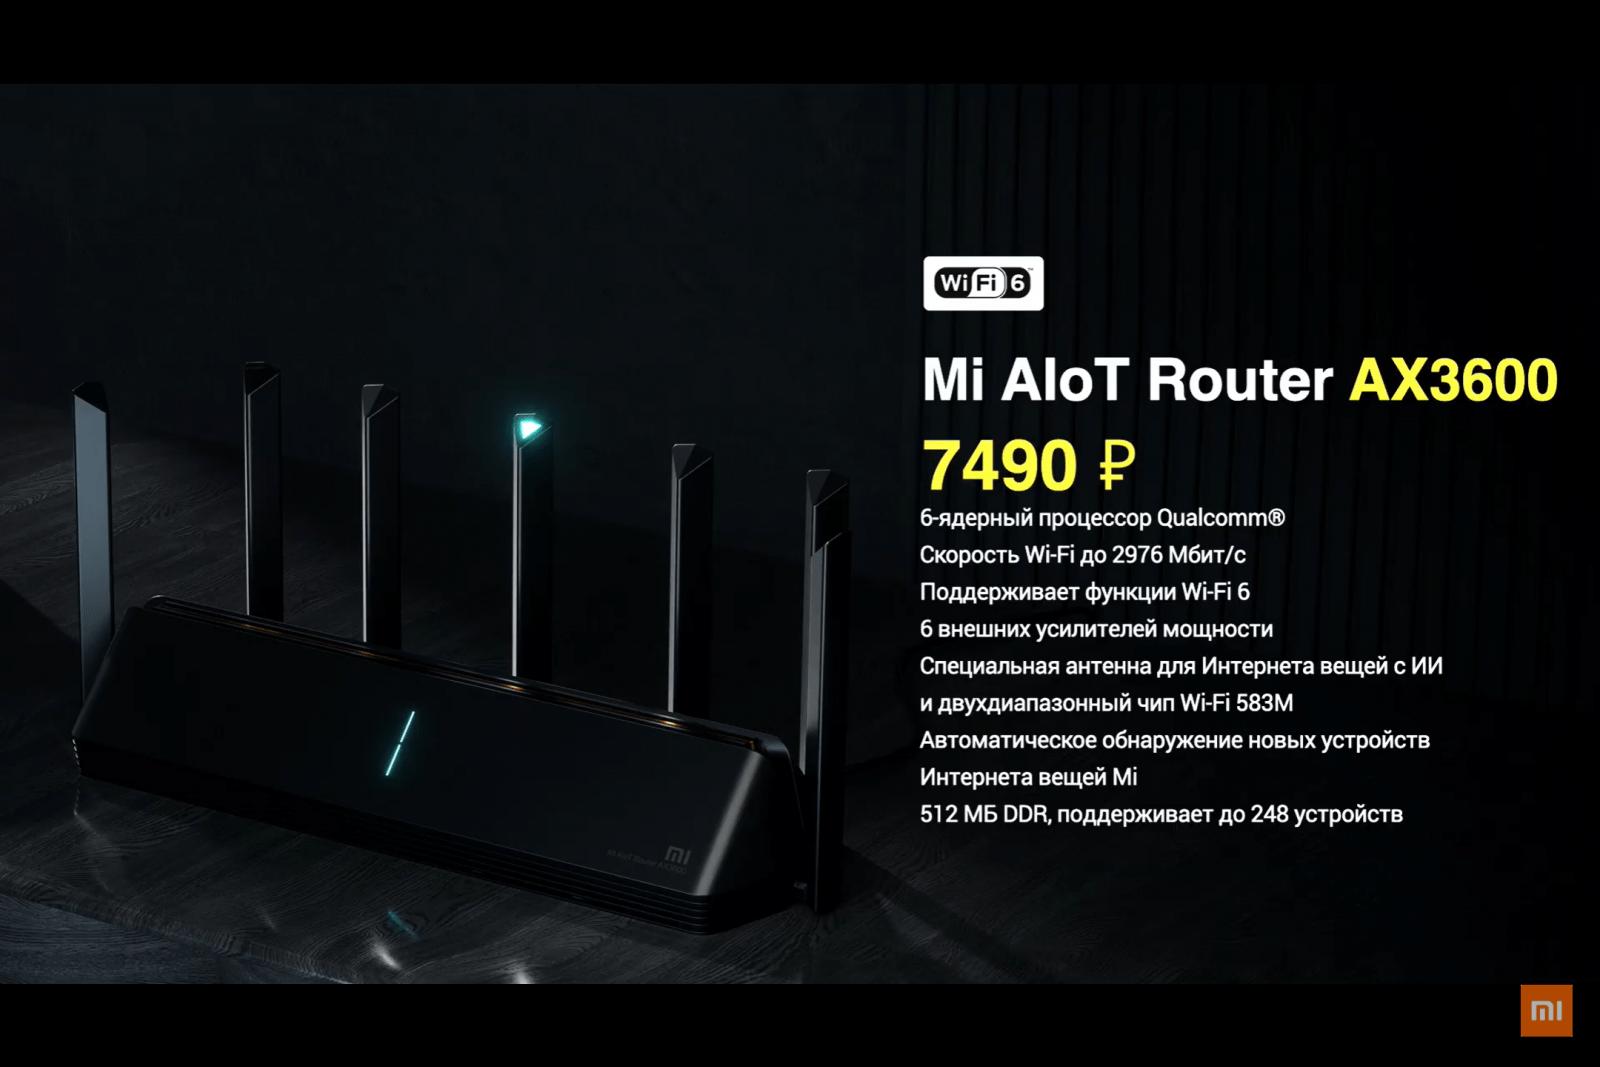 Xiaomi выпускает в России роутер Mi AIoT Router AX3600 c поддержкой Wi-Fi 6 (image 46)